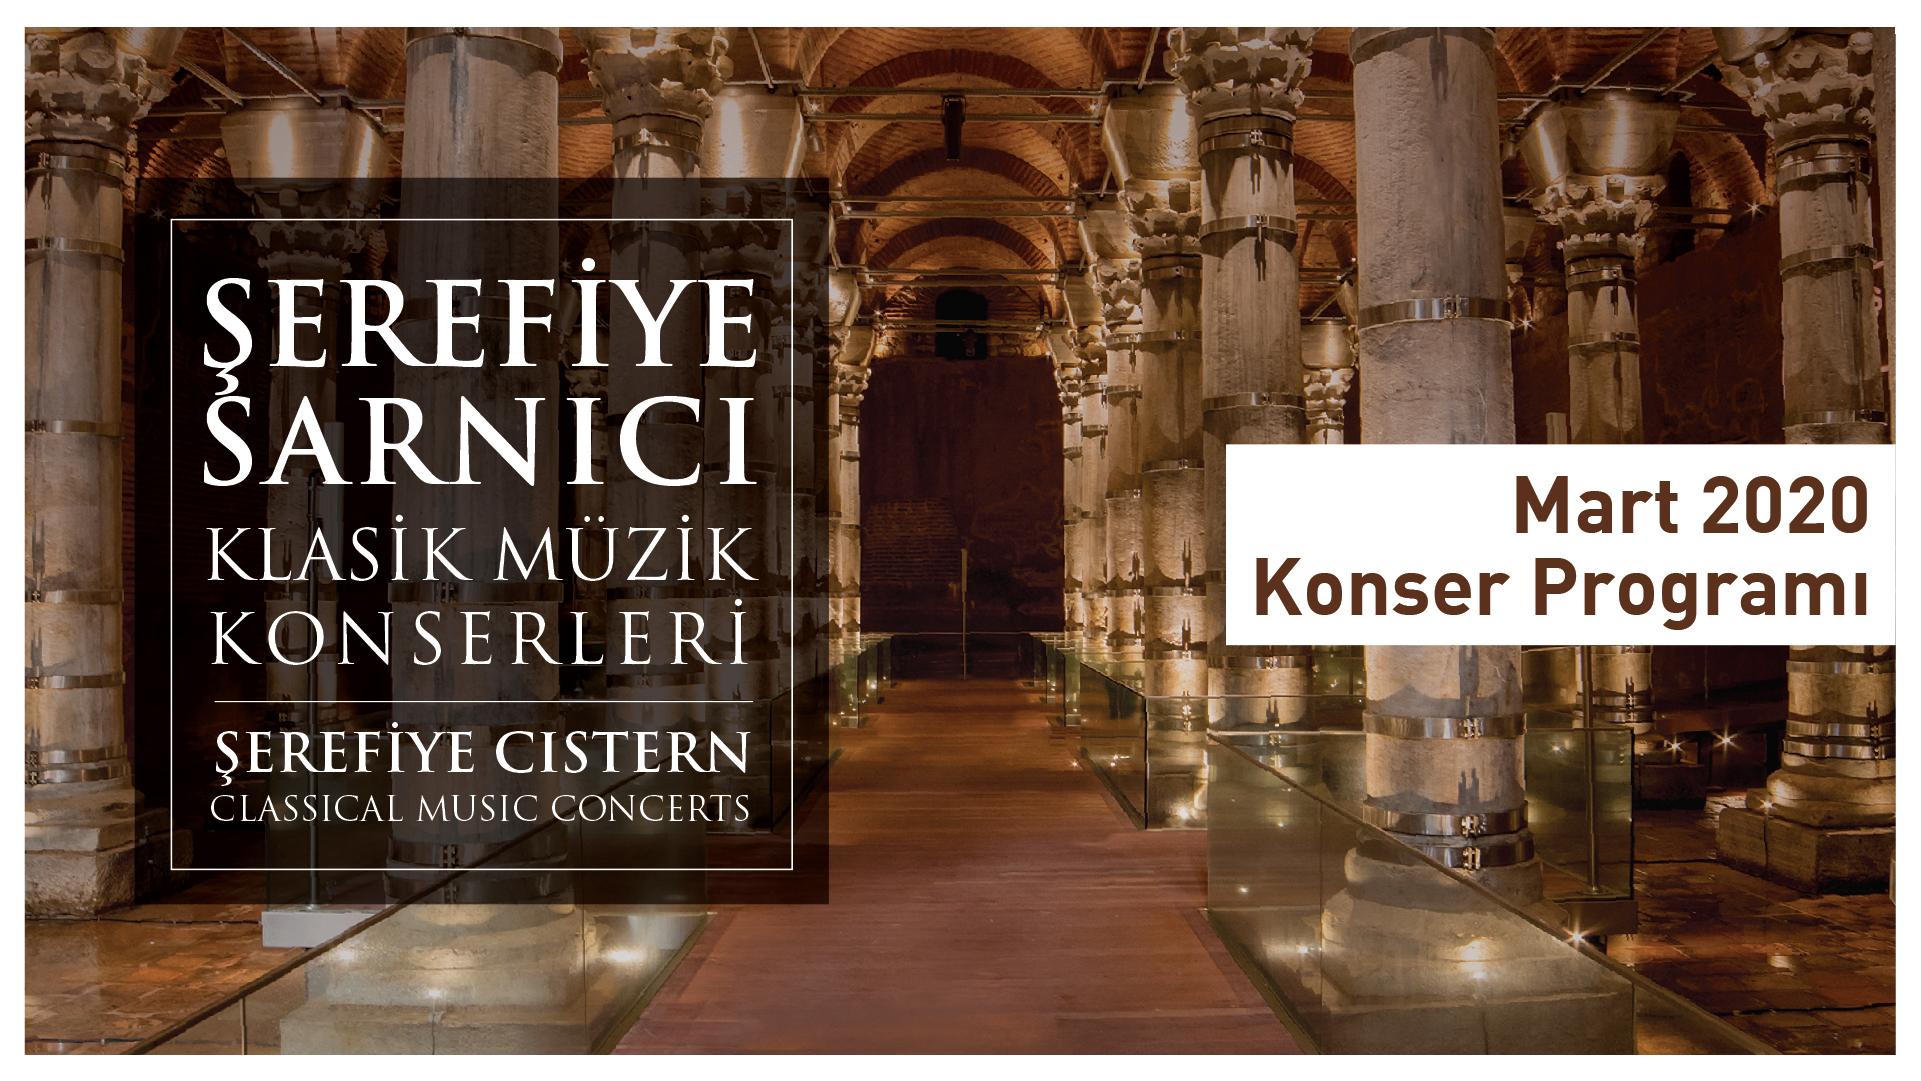 Şerefiye Sarnıcı Klasik Müzik Konserleri'nin mart ayı programı açıklandı